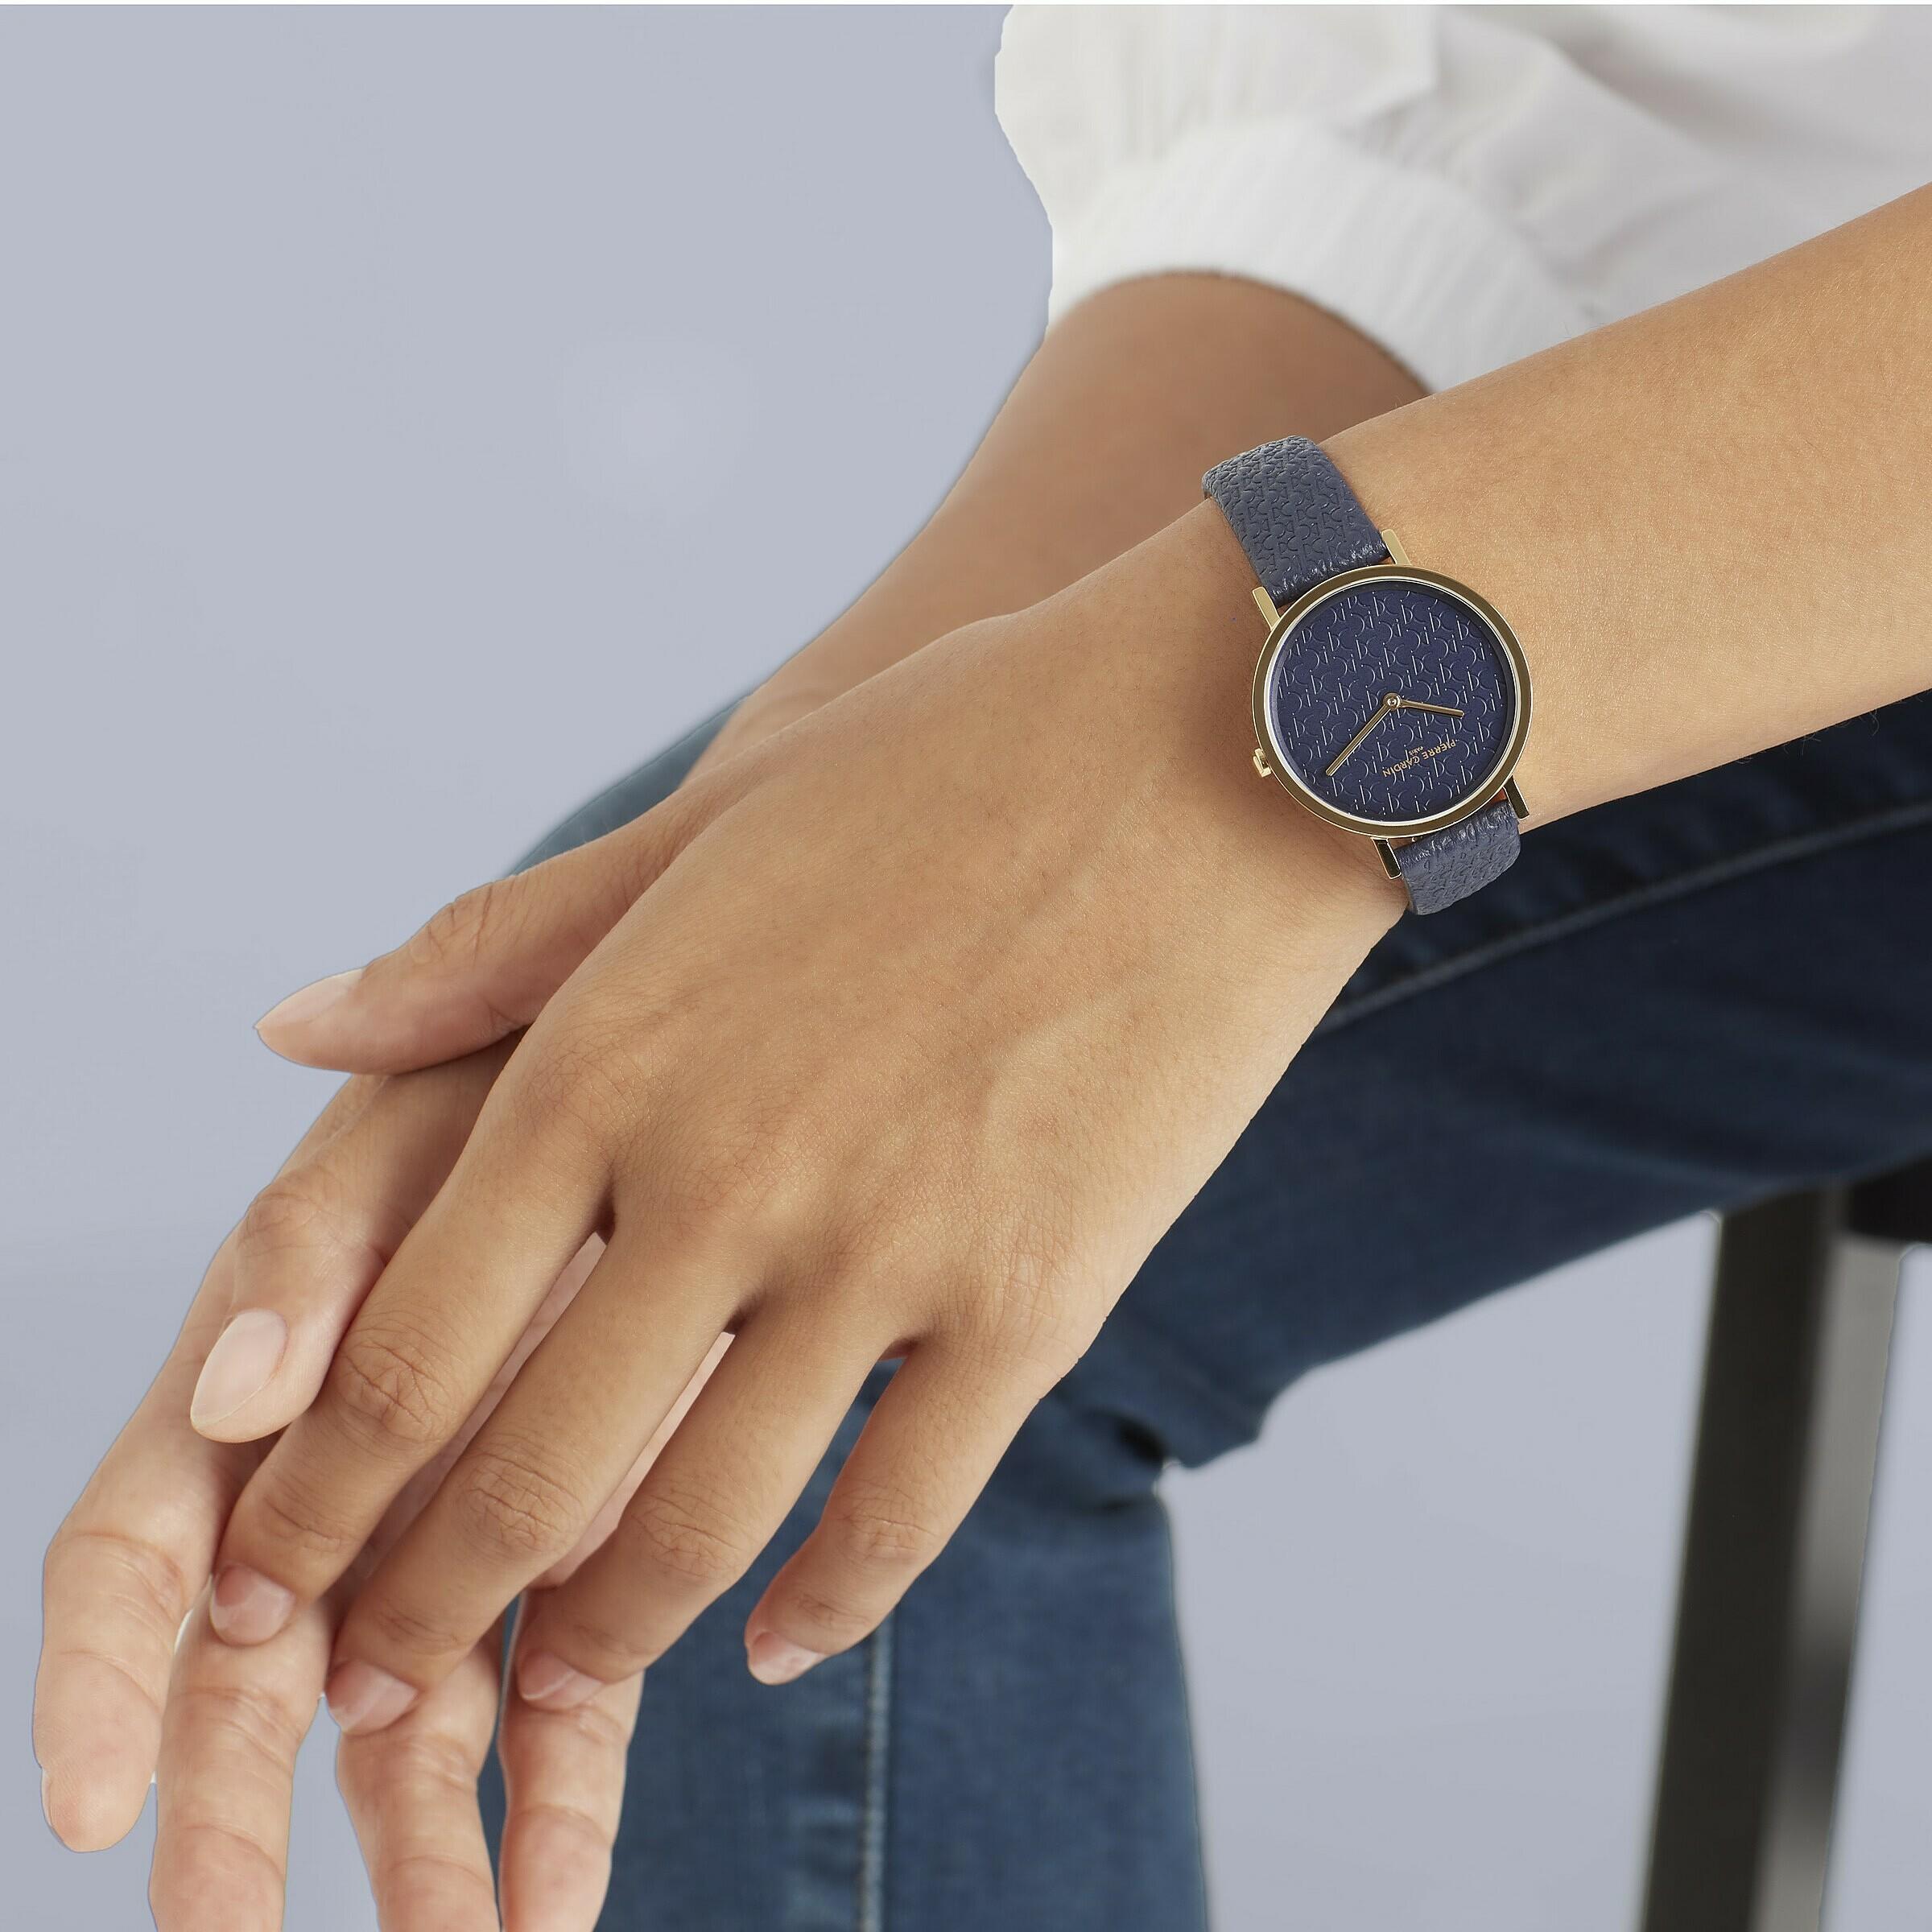 Đồng hồ nữ Pierre Cardin chính hãng CBV.1505 giảm  Thiết kế đẳng cấp, sang trọng- Chất liệu mặt: Kính khoáng- Chất liệu dây: da- Mặt kính cứng chịu lực và chống trầy xước- Kiểu máy Quartz- Thiết kế 2 kim- Đường kính mặt: 31mm- Khả năng chống nước: 3ATM- Khóa cài dễ dàng- Hàng chính hãng 100%, bảo hành toàn cầu 2 năm